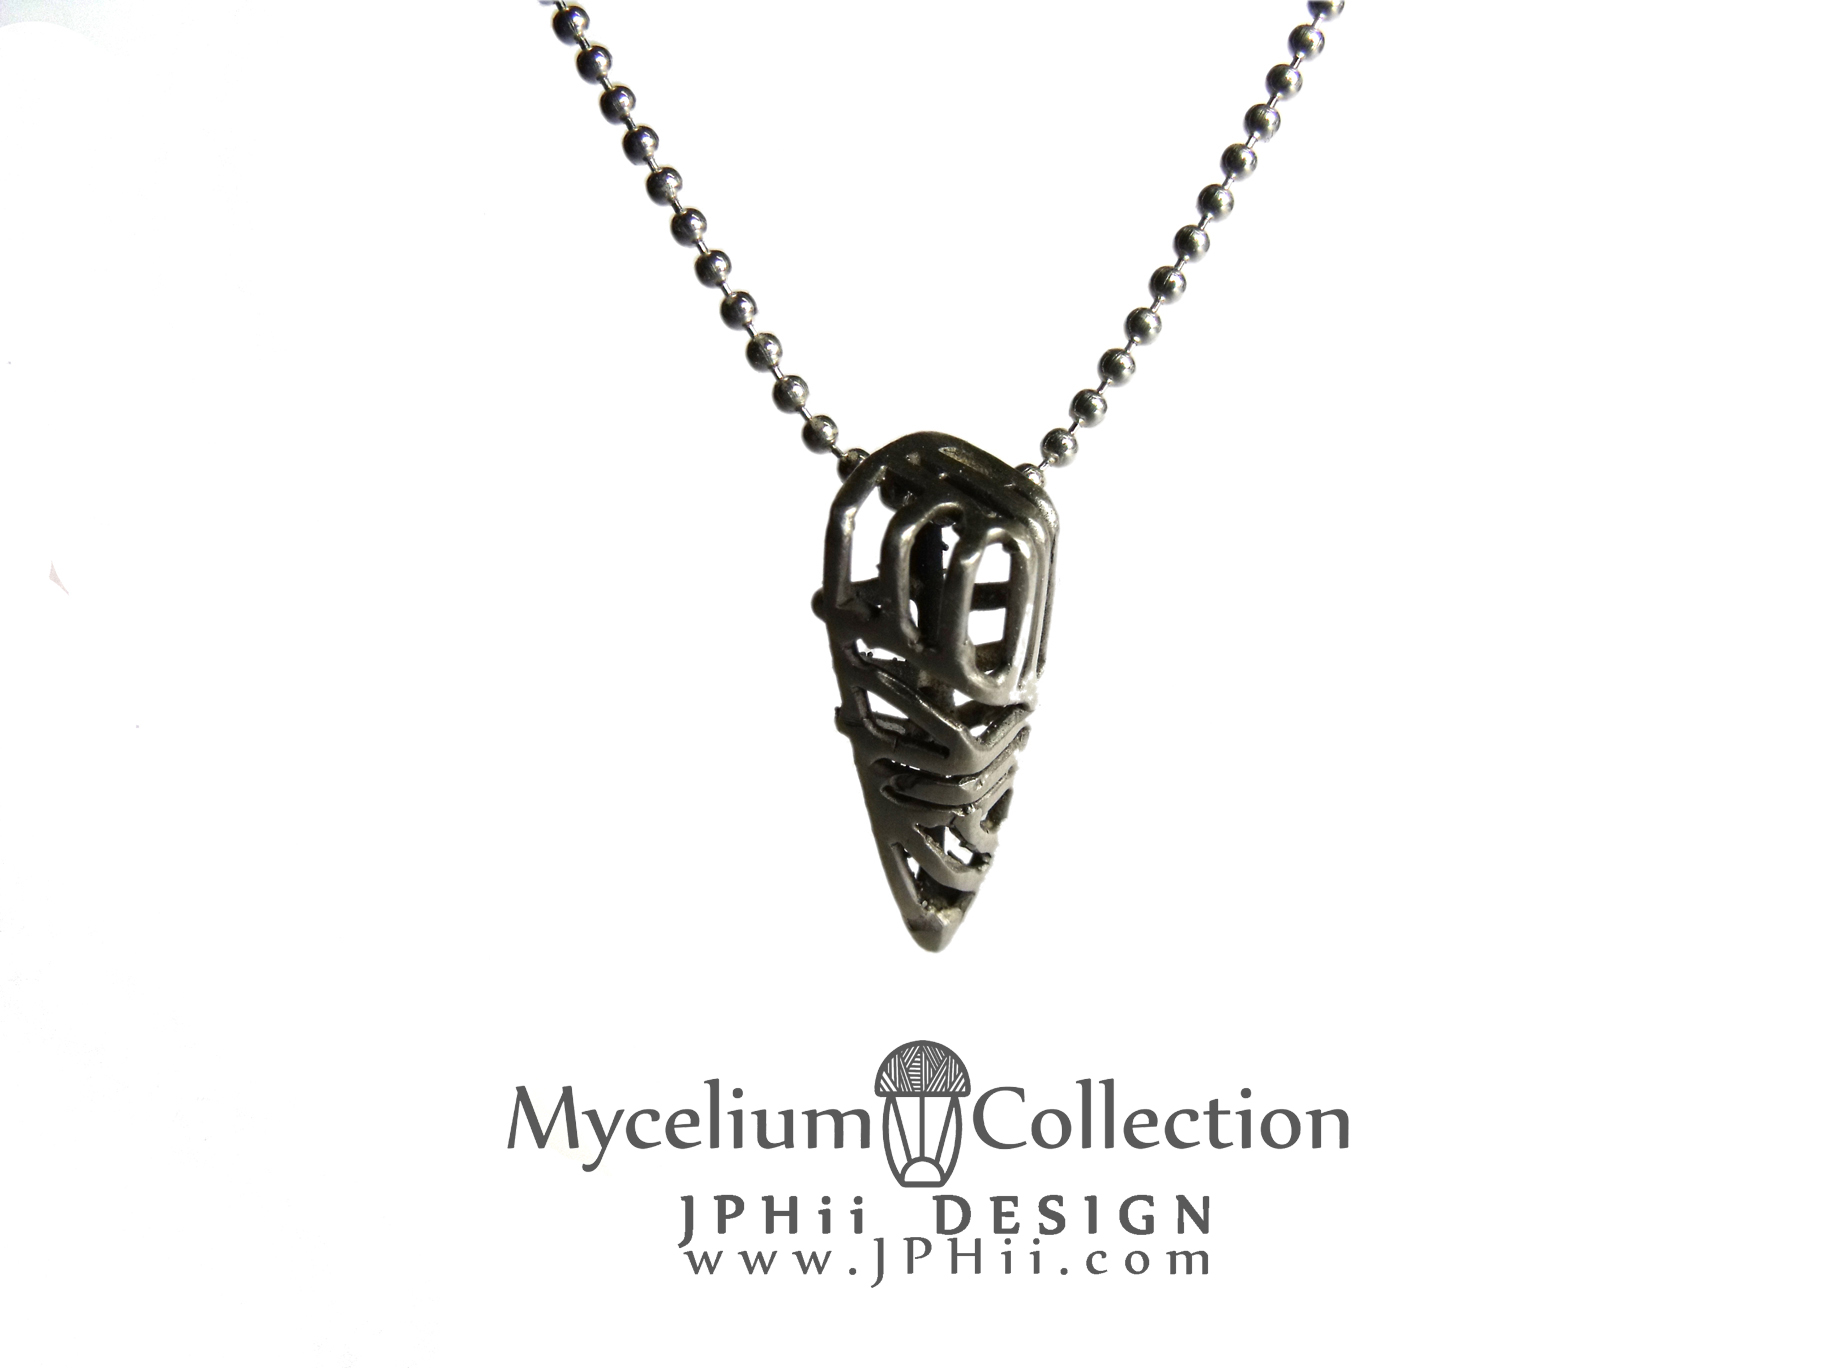 Mycelium Collection